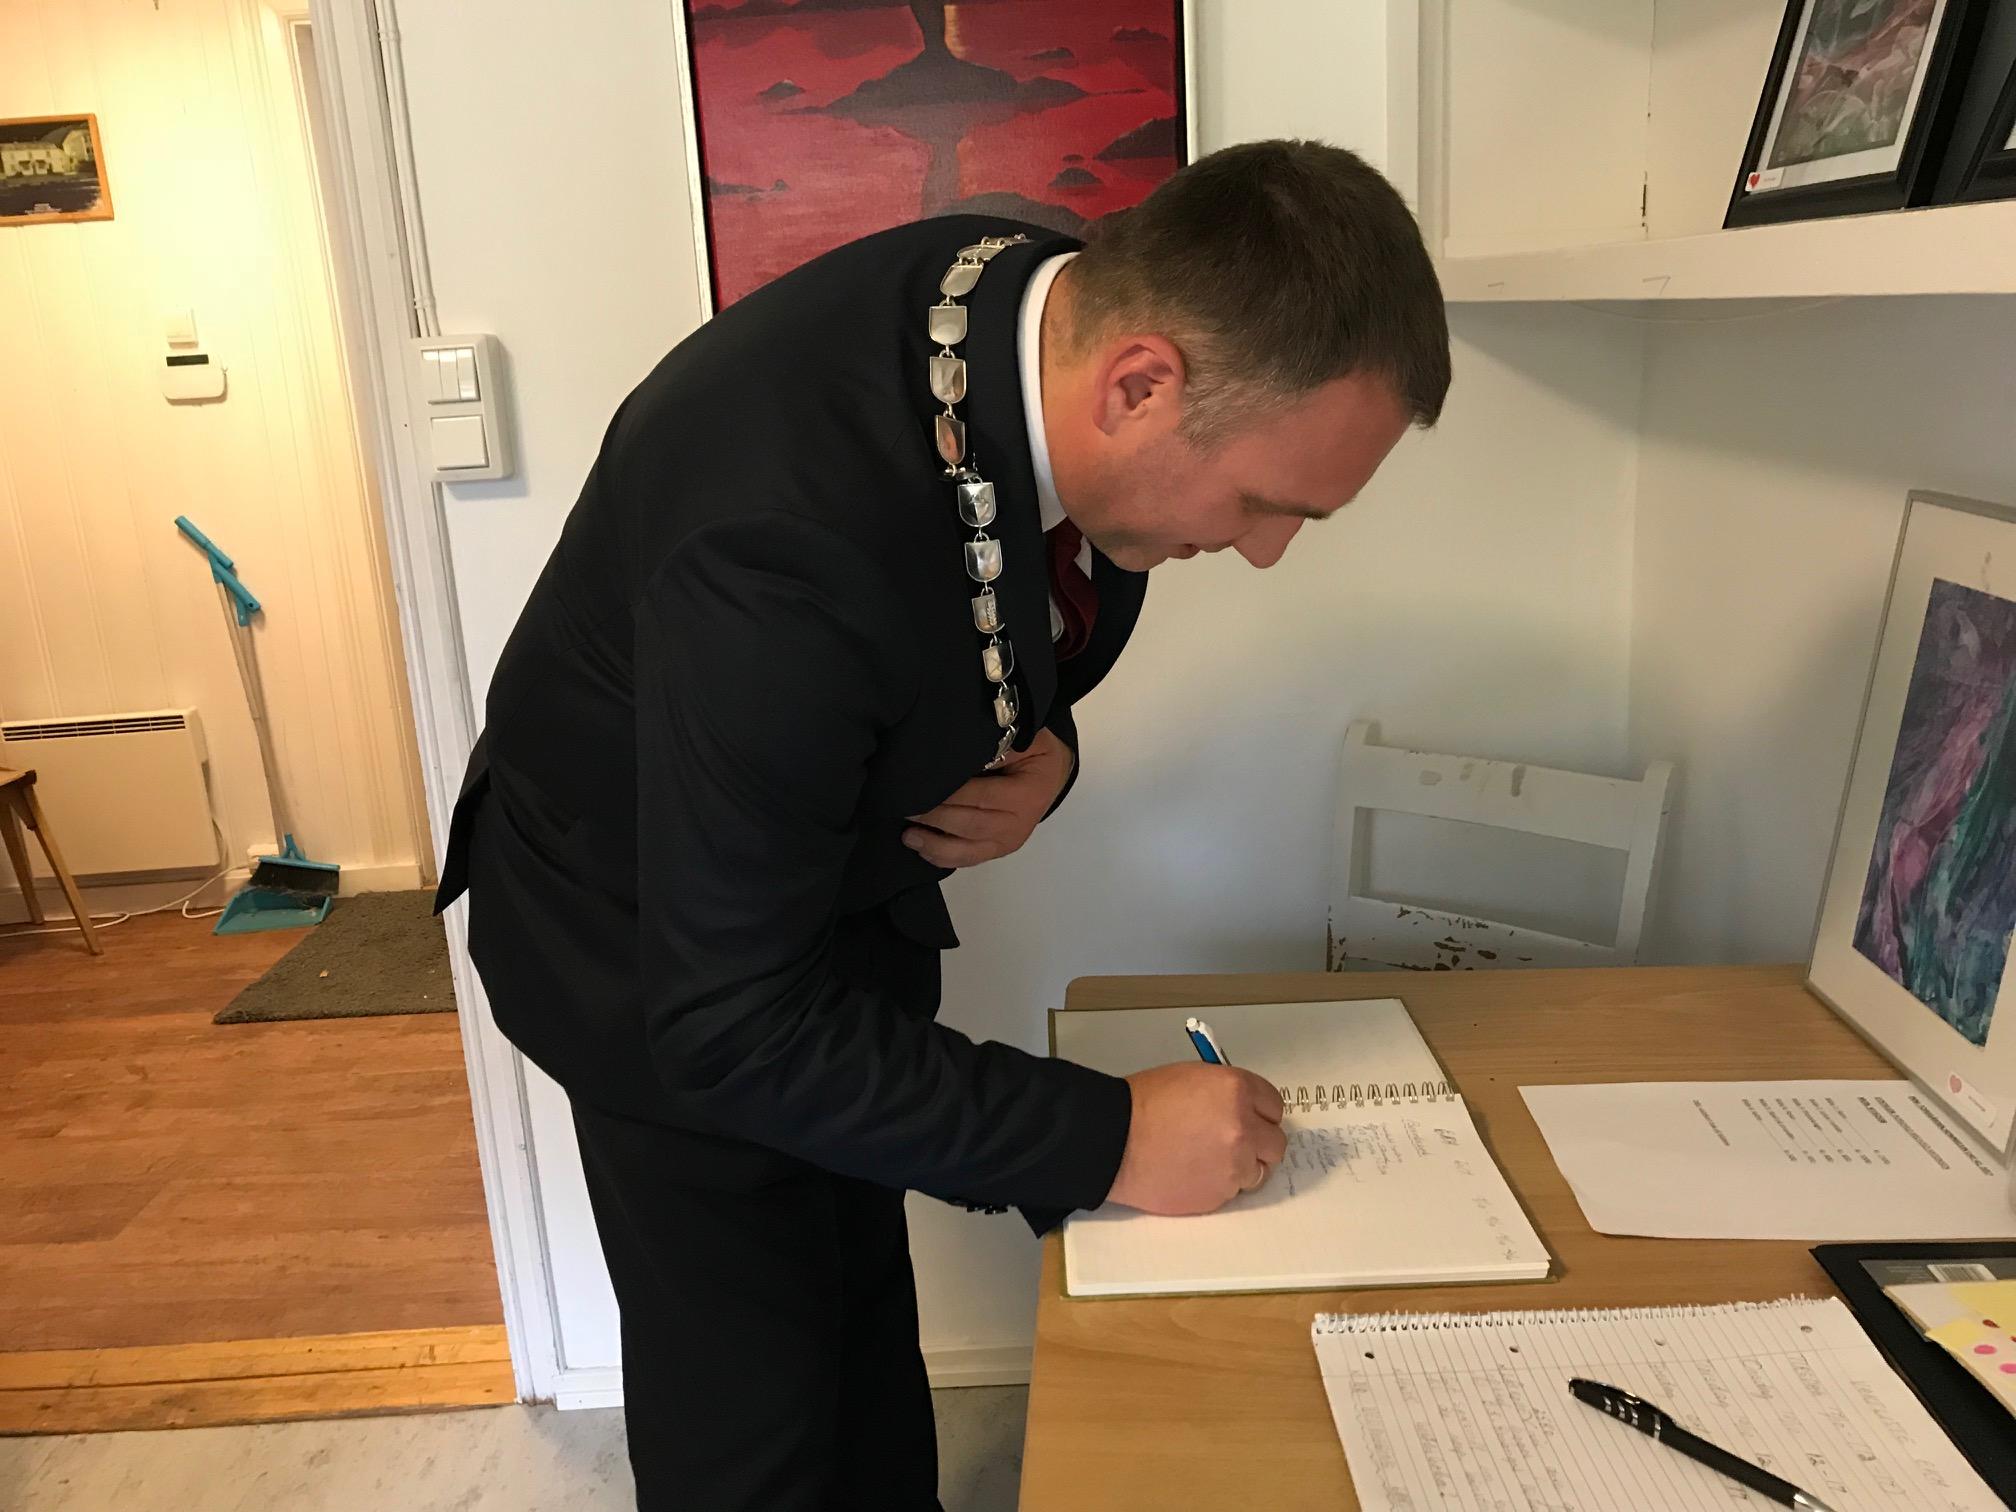 Bilde av varaordfører Ole Herman Sveian som signerer besøksprotokollen